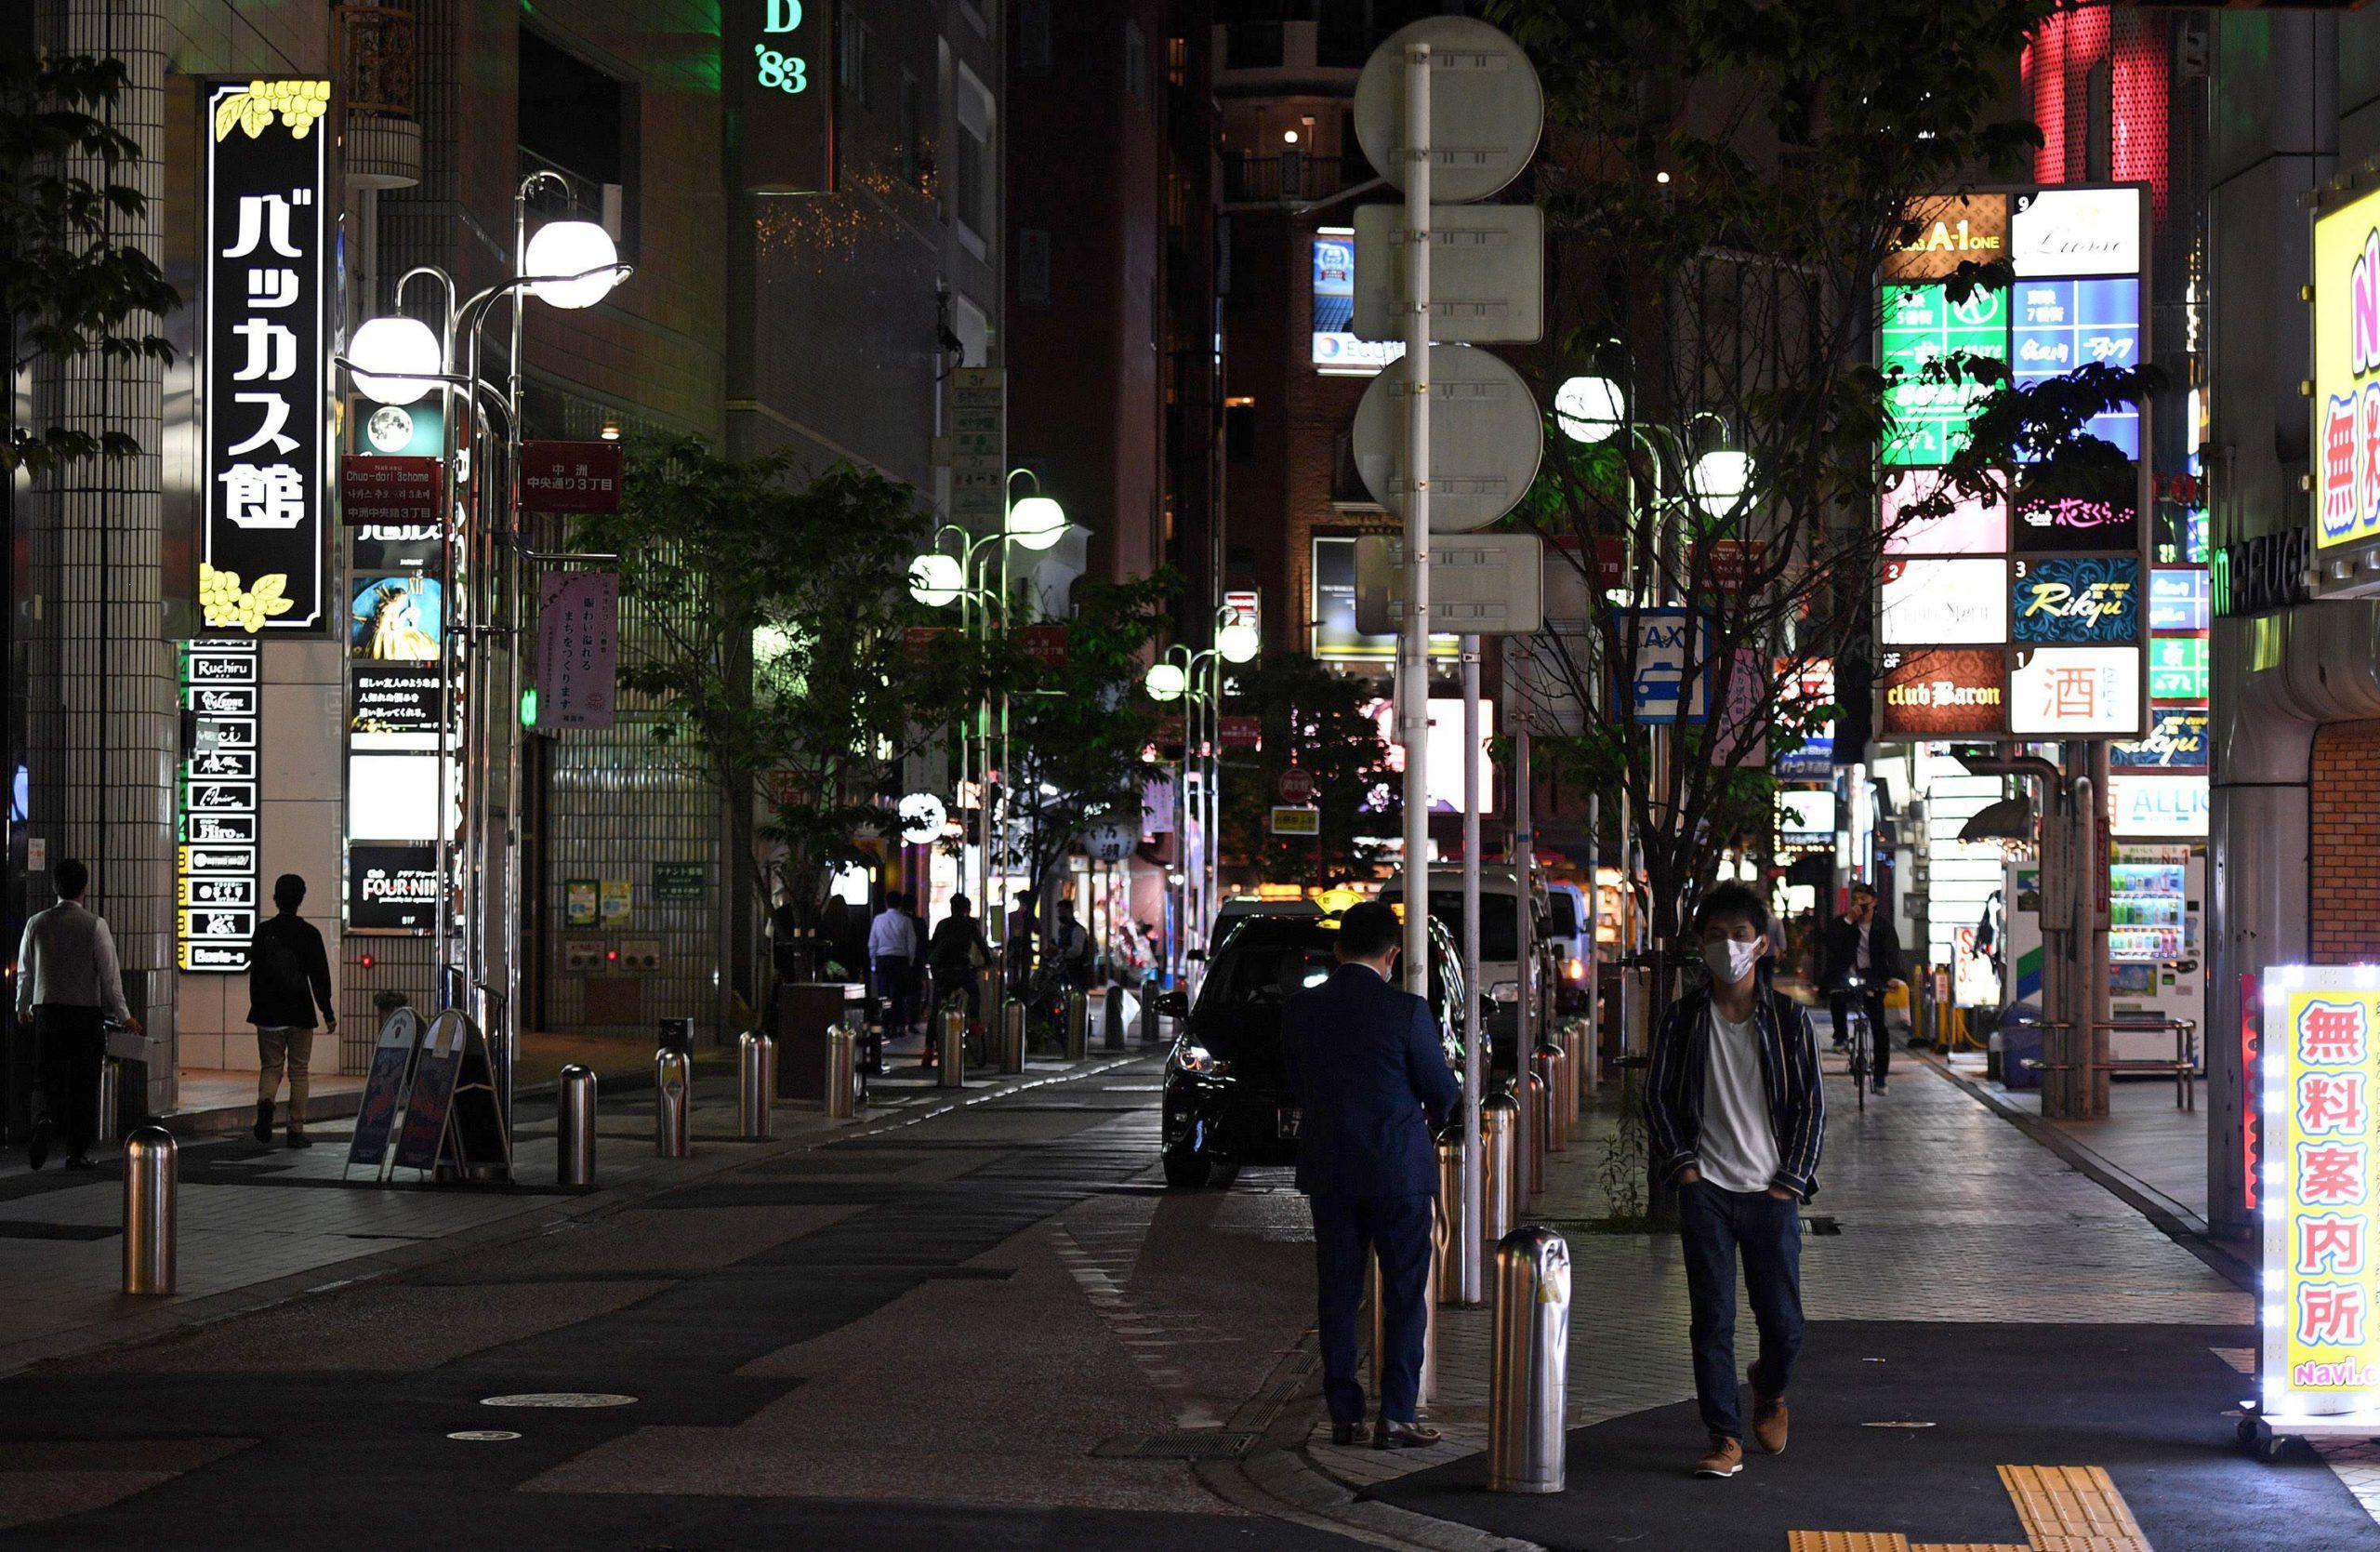 時短営業中の福岡市の繁華街(写真と投稿は関係ありません)